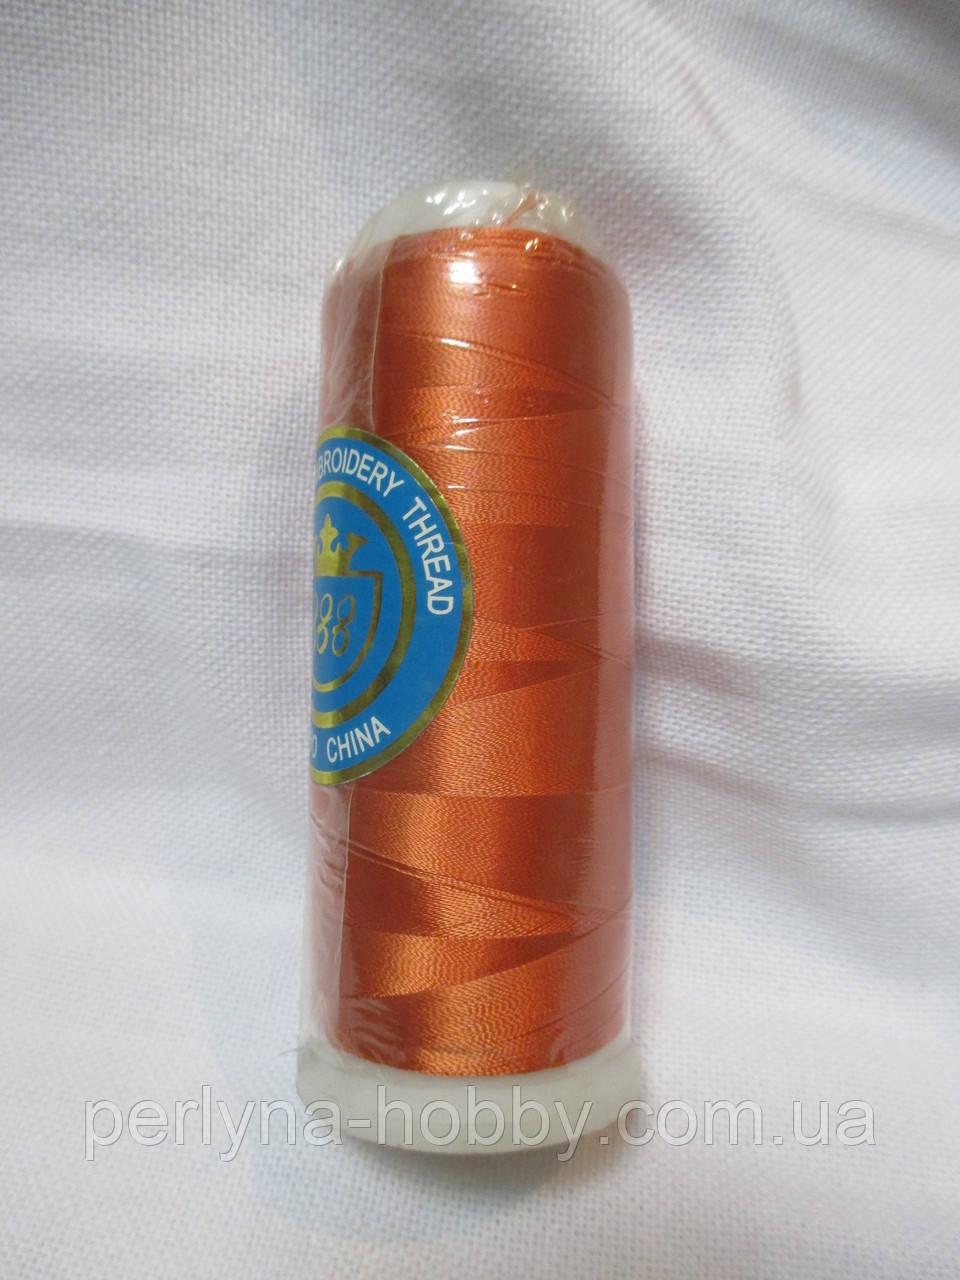 Нитки для машинної вишики 100% віскоза (100% rayon) 3000 ярдів, №114, оранжевий